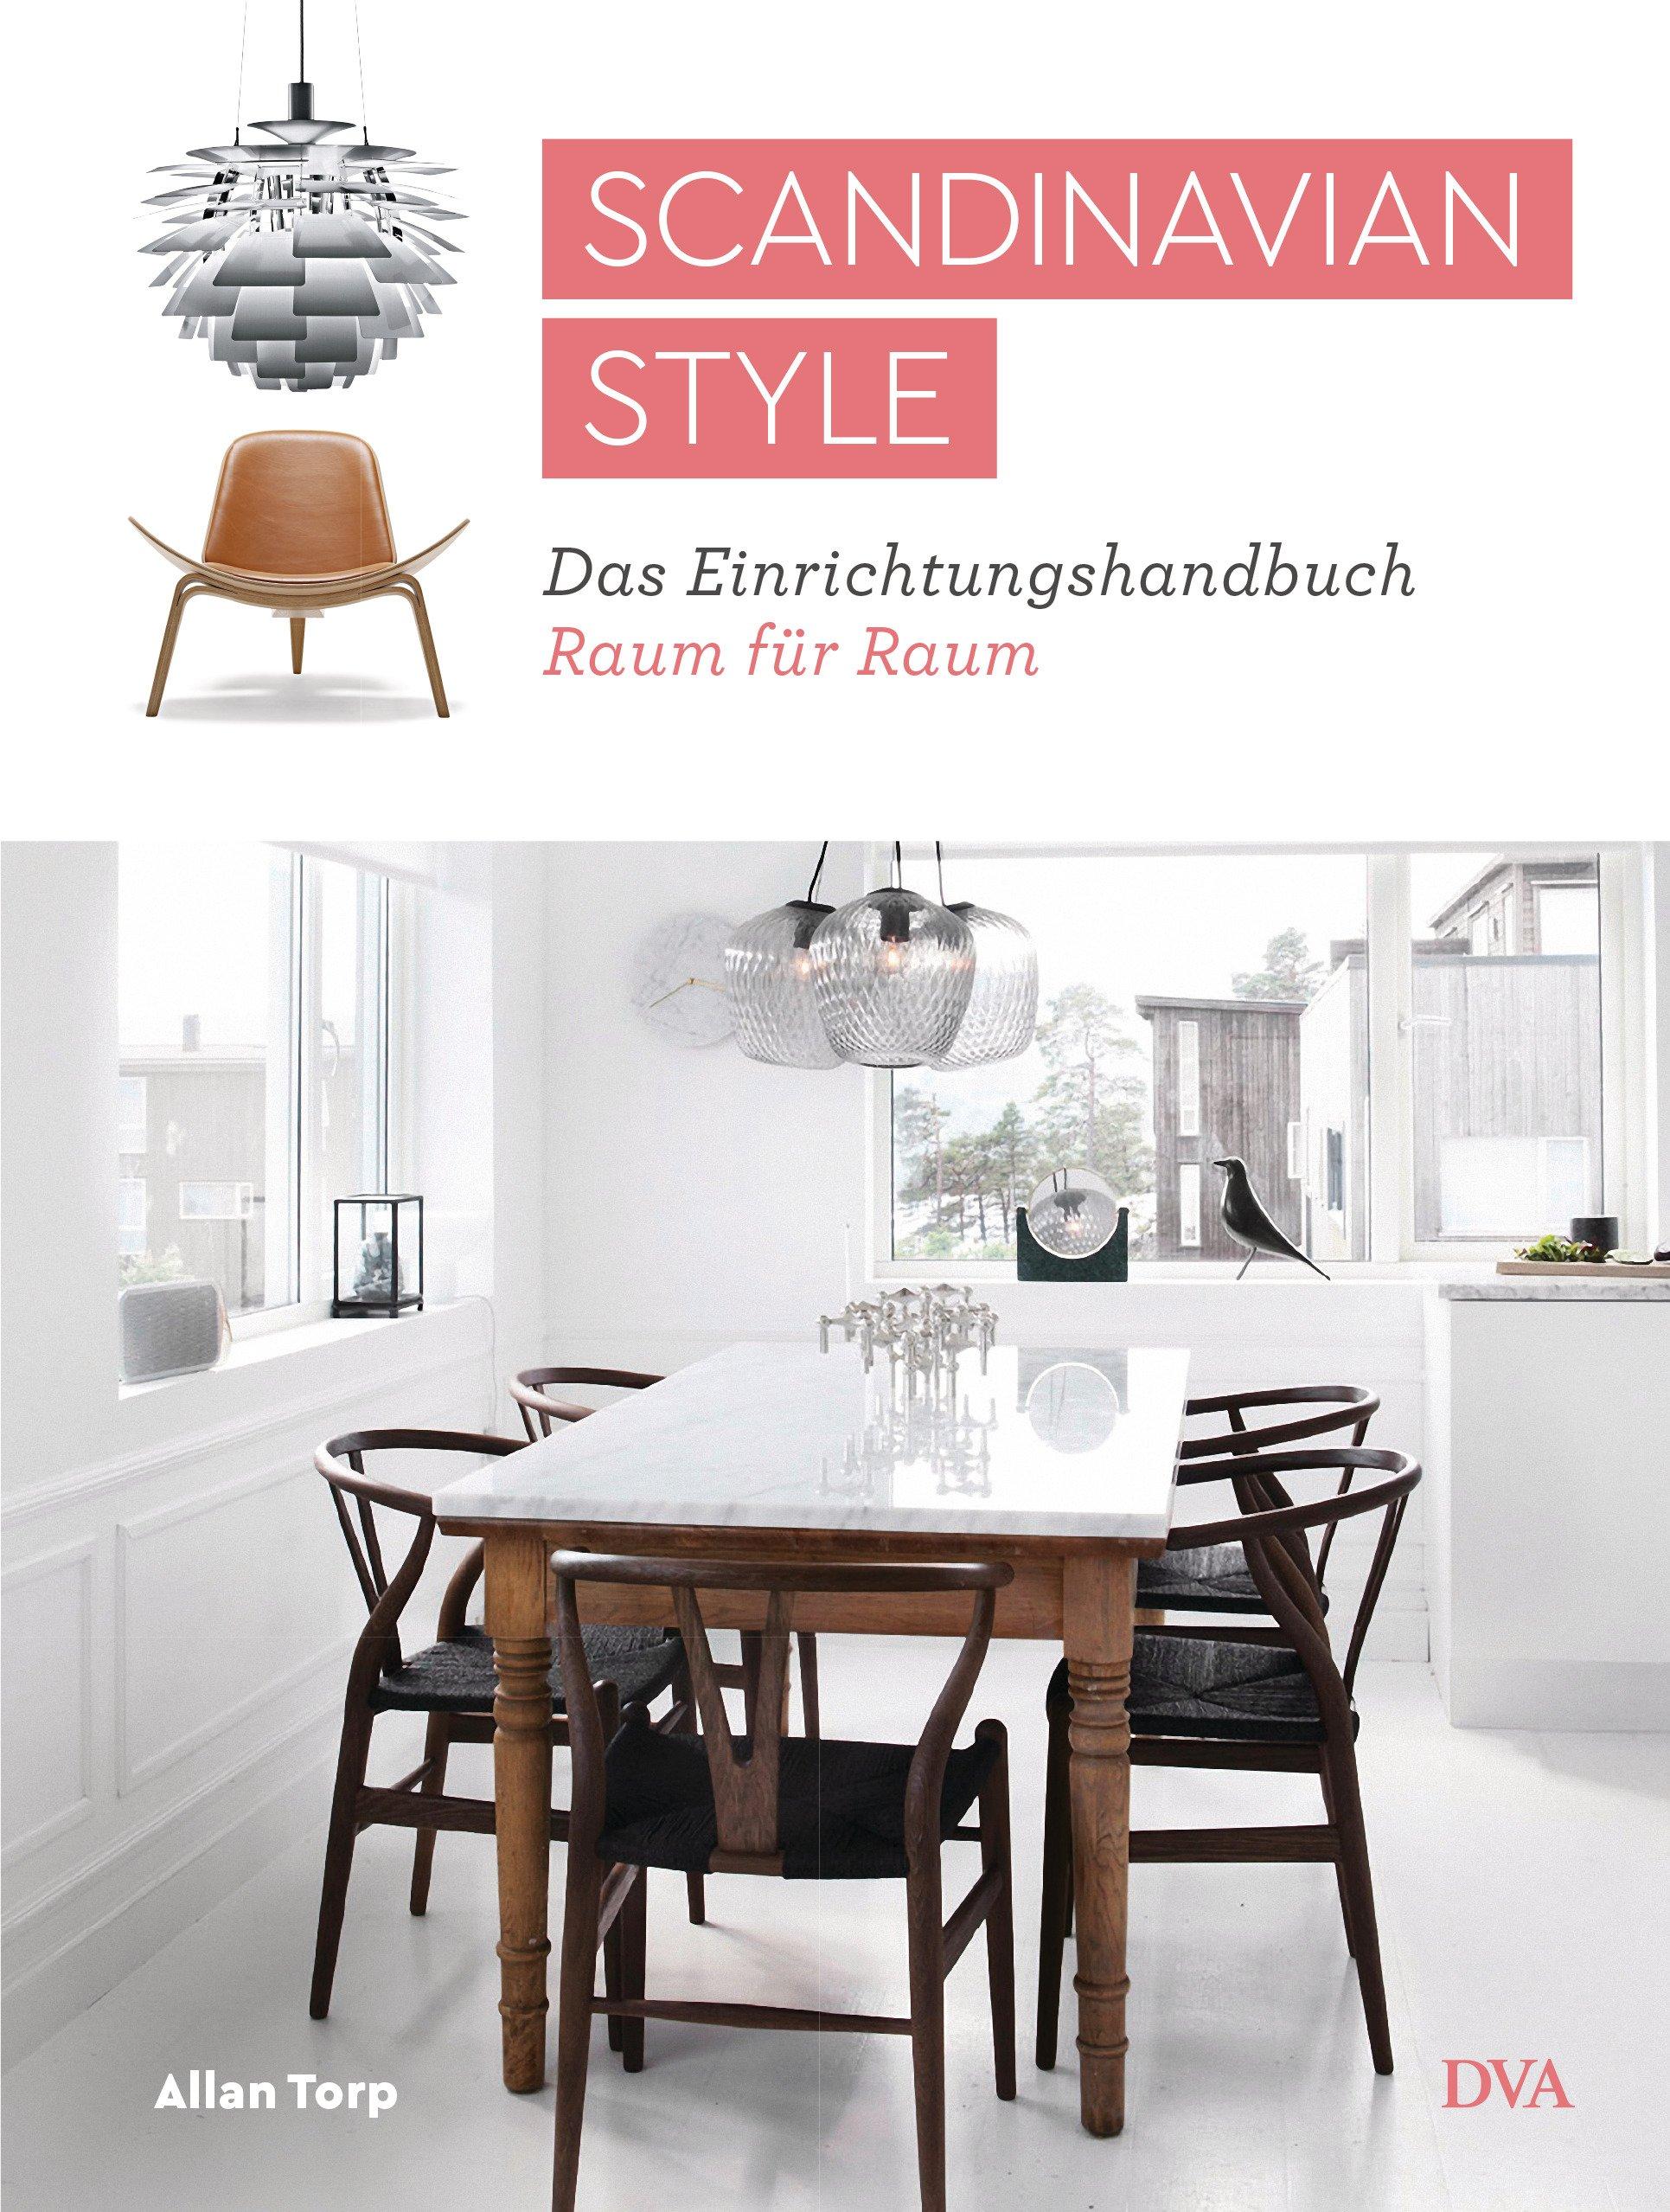 Scandinavian Style.  medienservice architektur und bauwesen